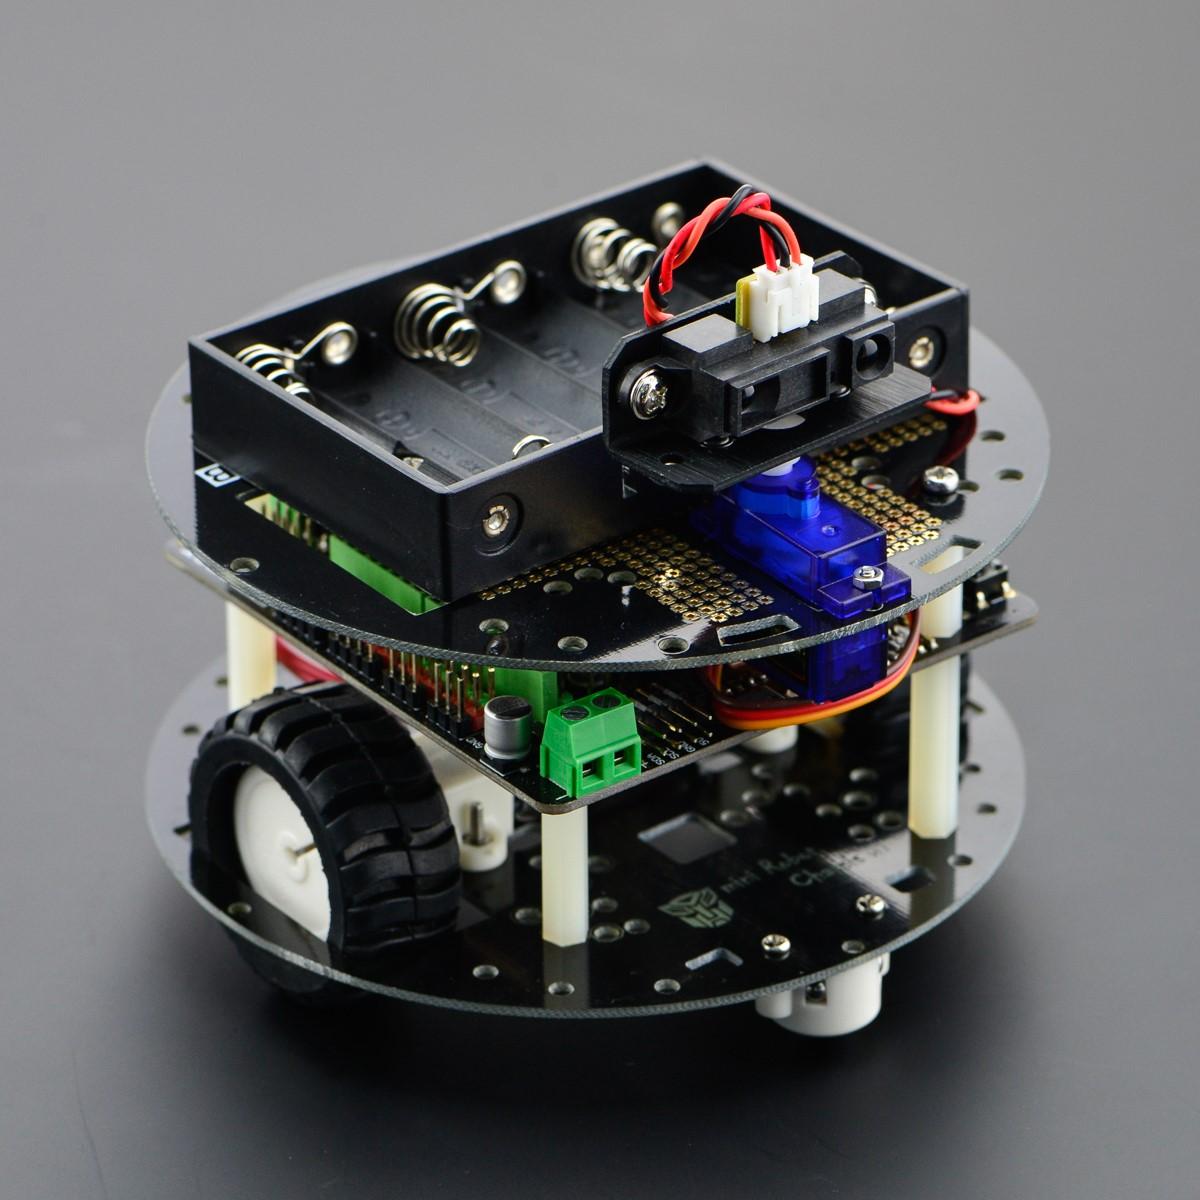 智能机器人热卖推荐-MiniQ智能小车 探索套件